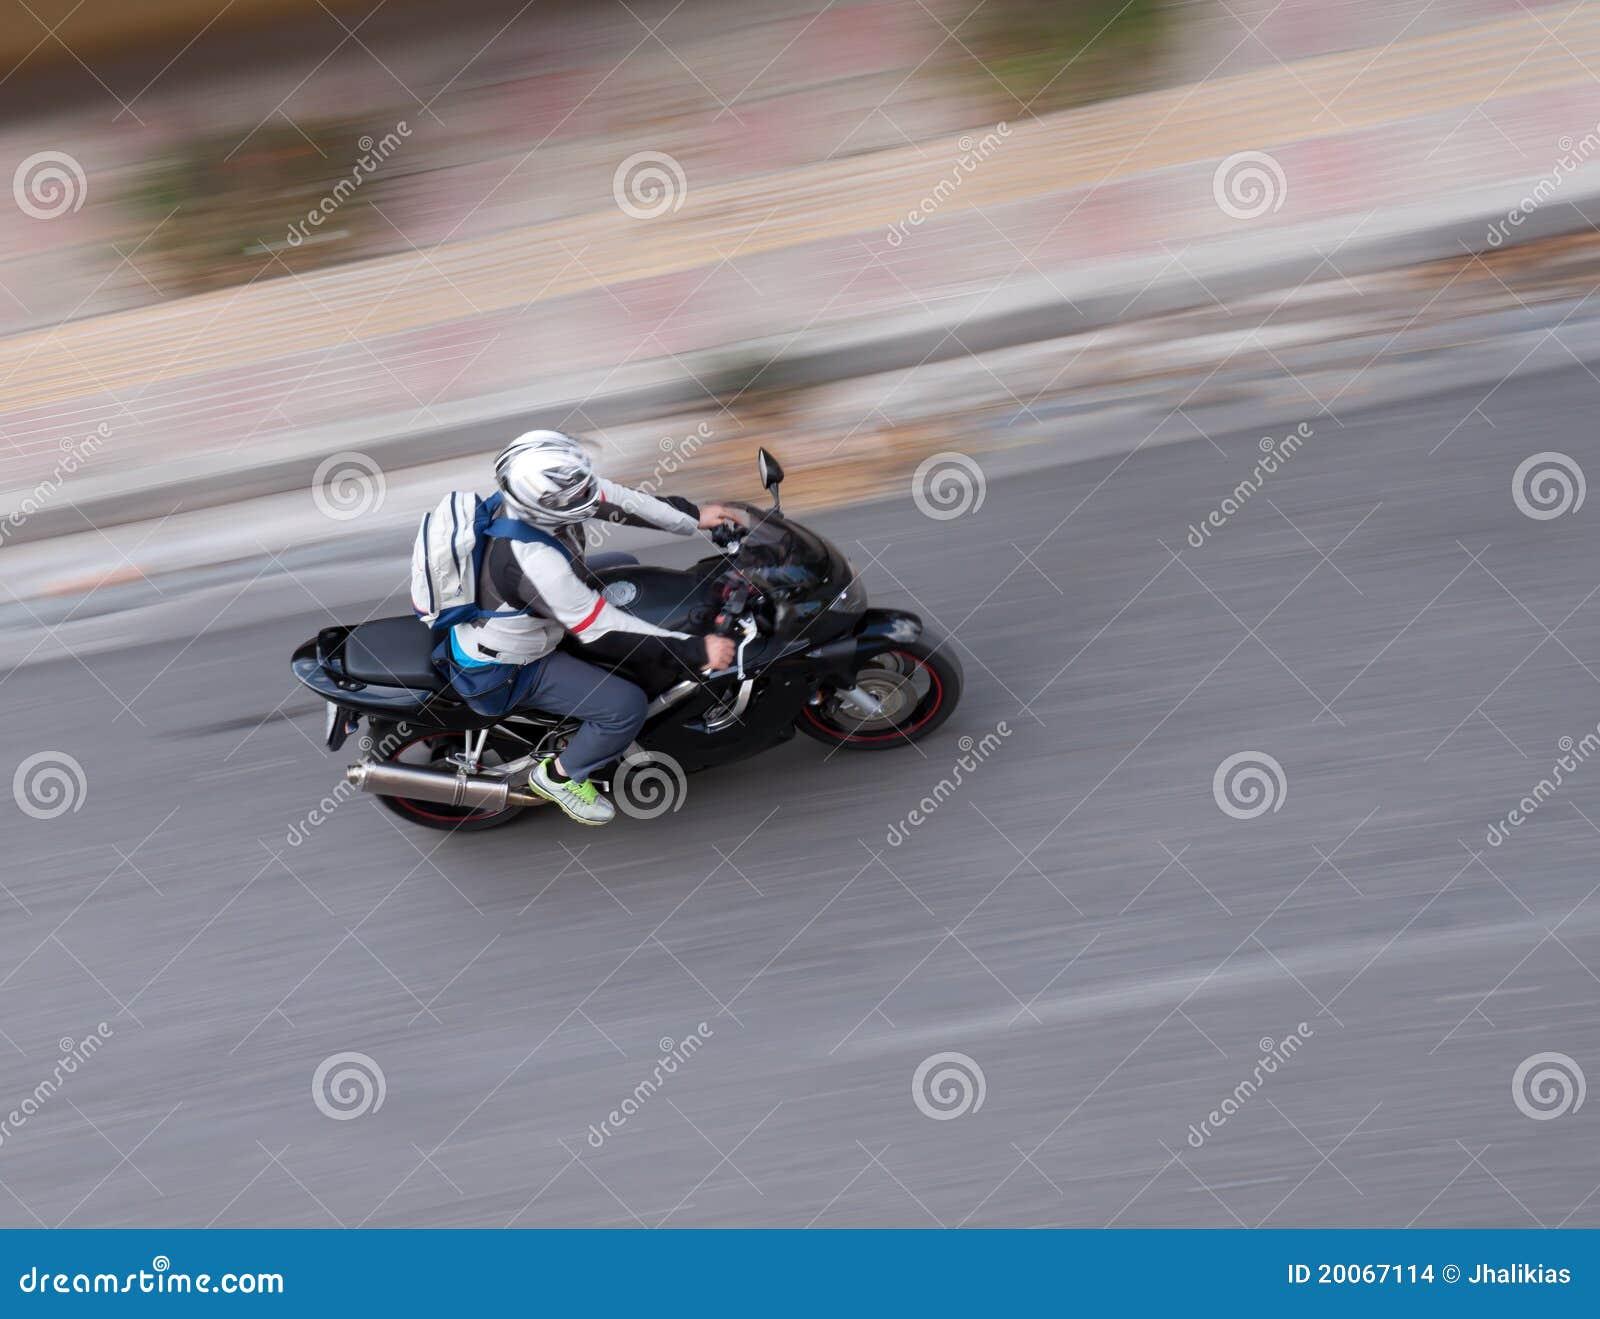 Motorbike panning